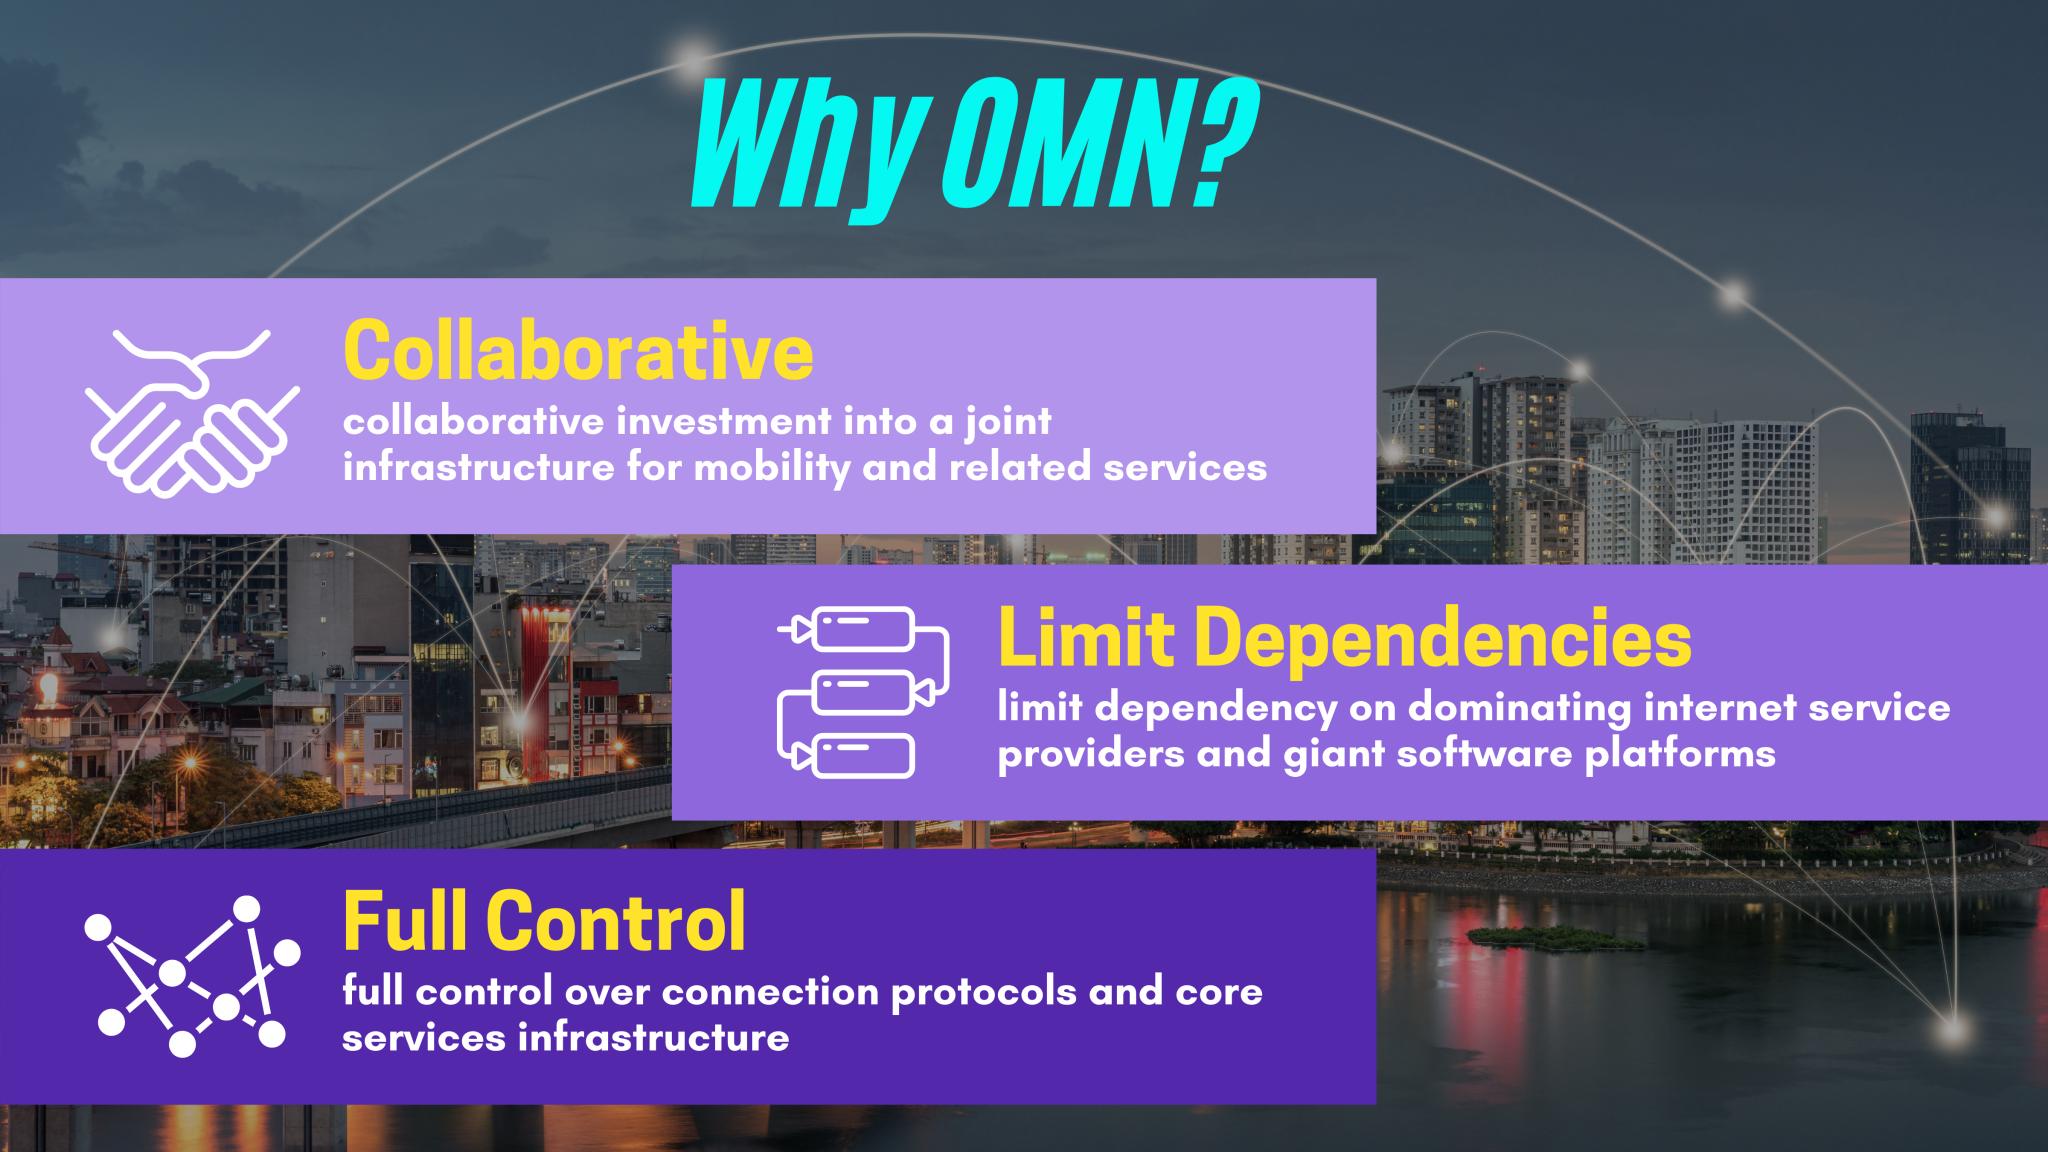 Why OMN